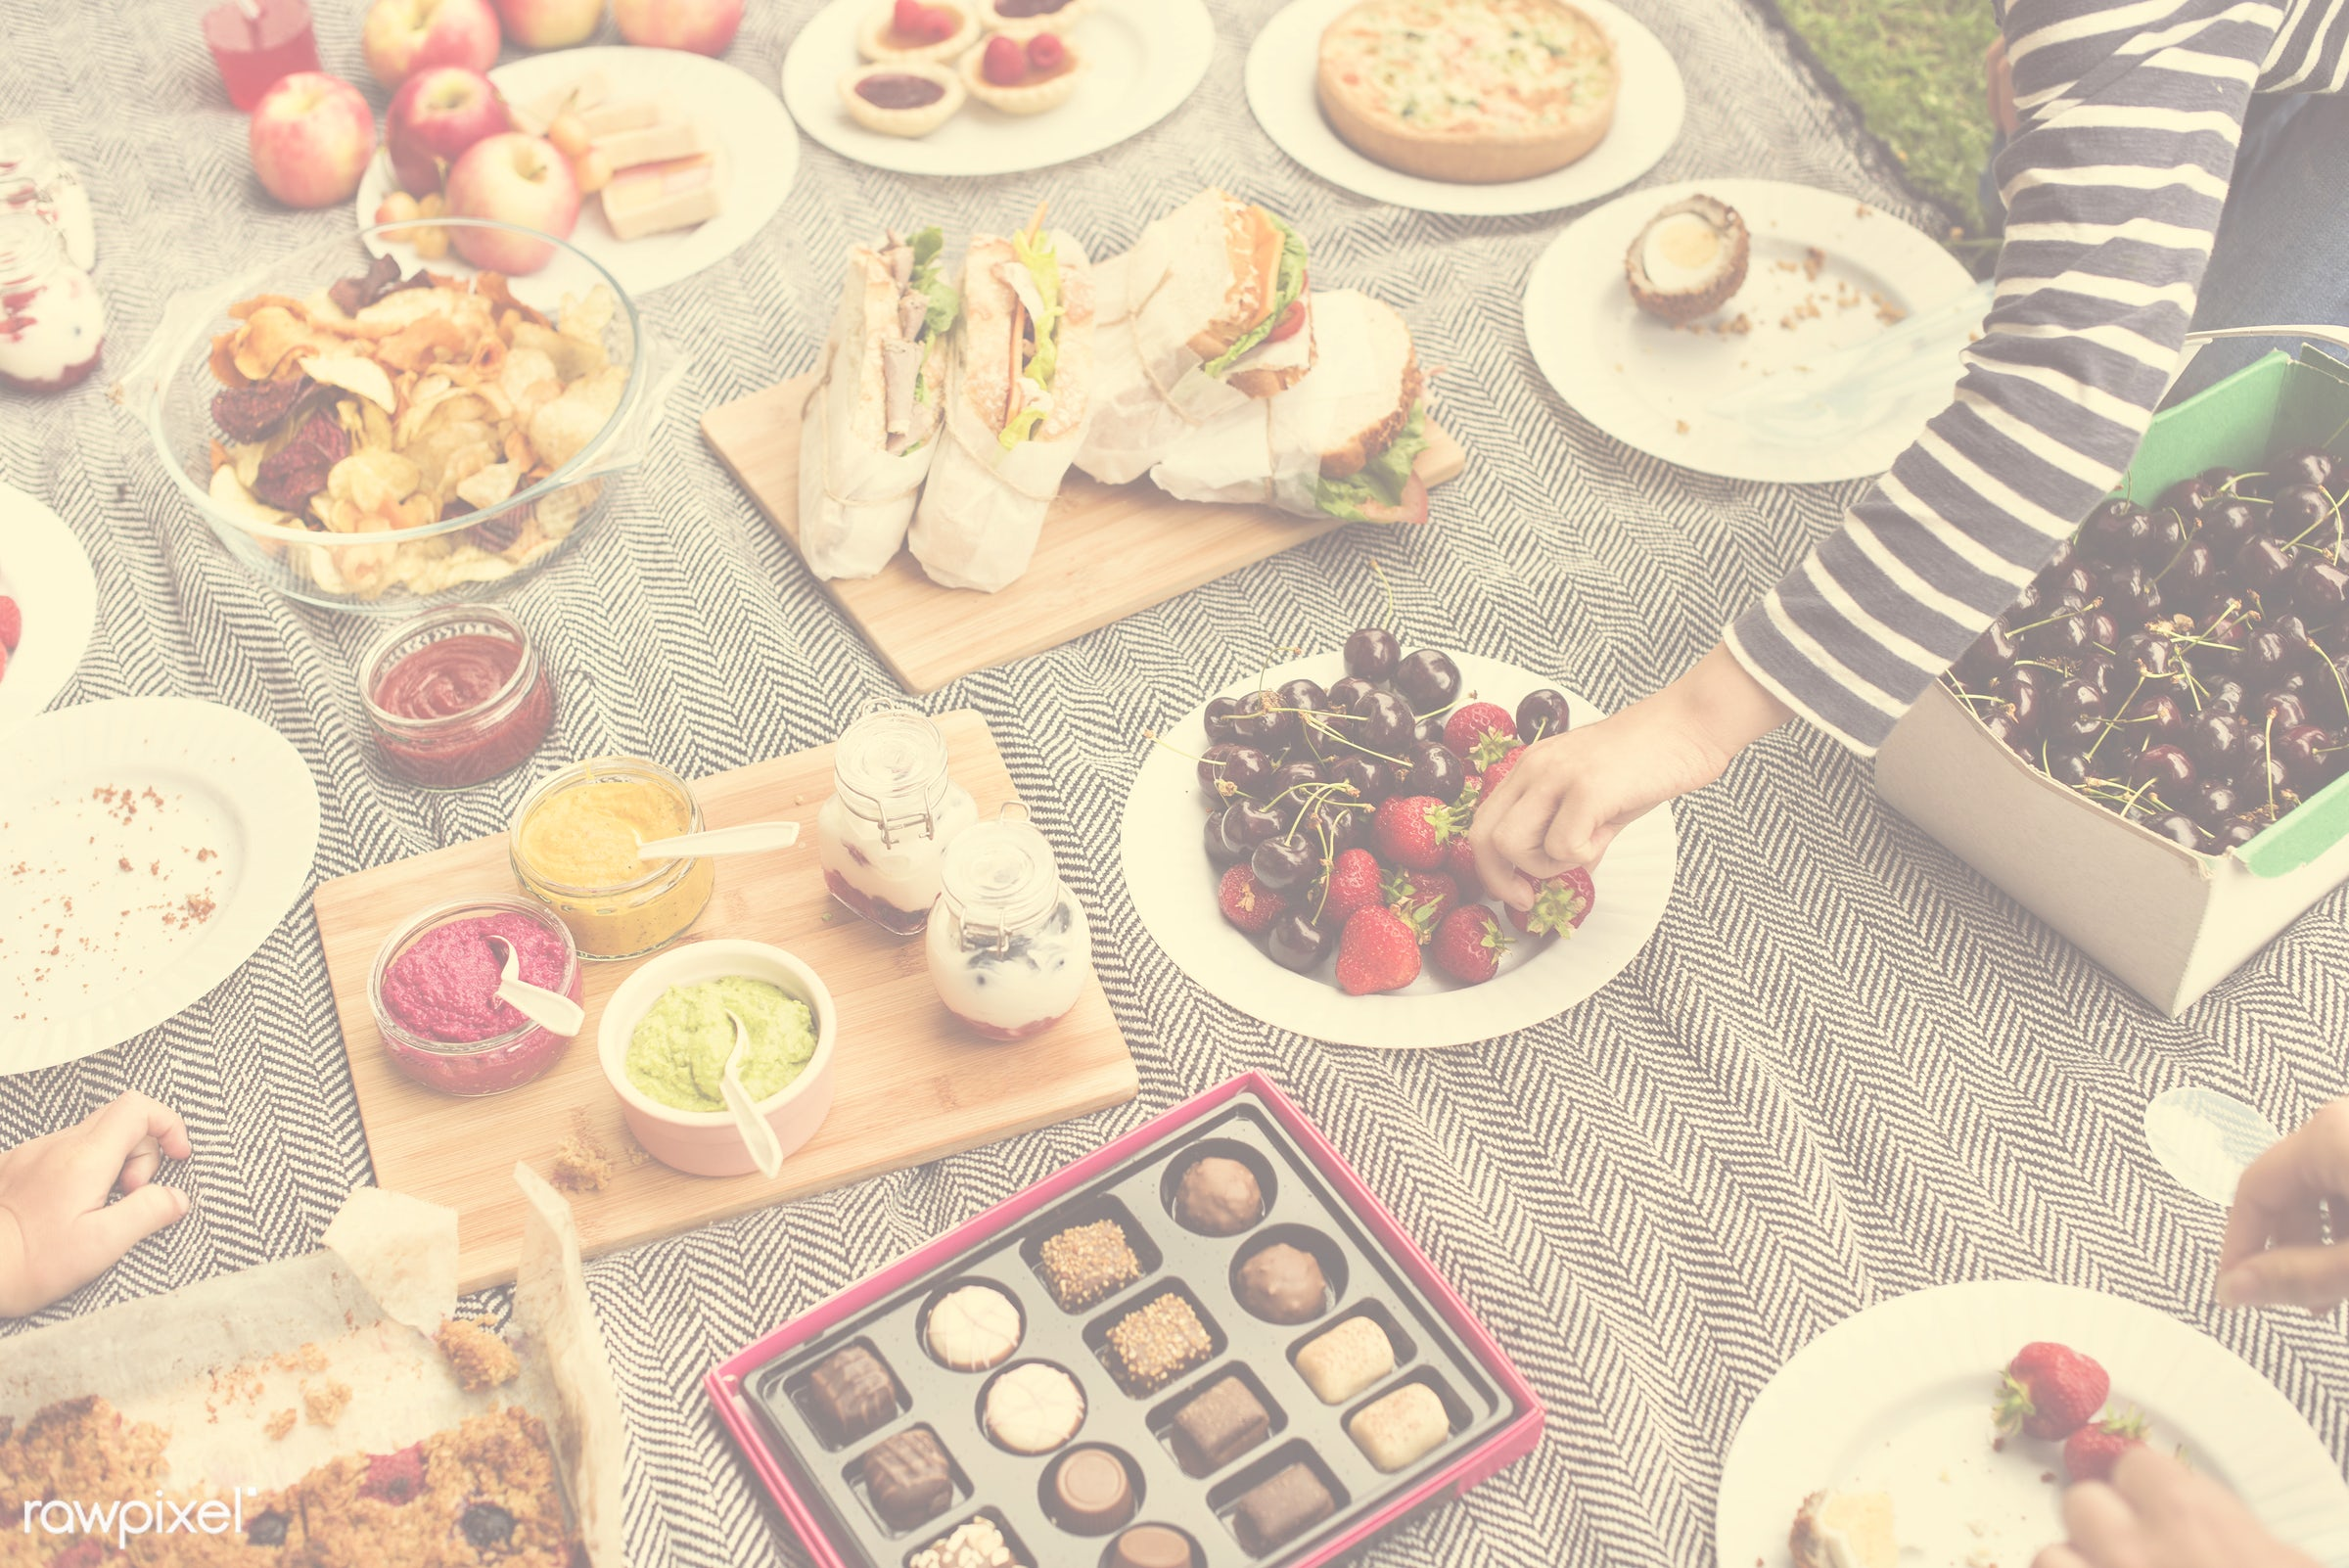 apple, basket, cherry, chips, dessert, drinks, environment, environmental, field, food, fruit, garden, grass, hands, holiday...